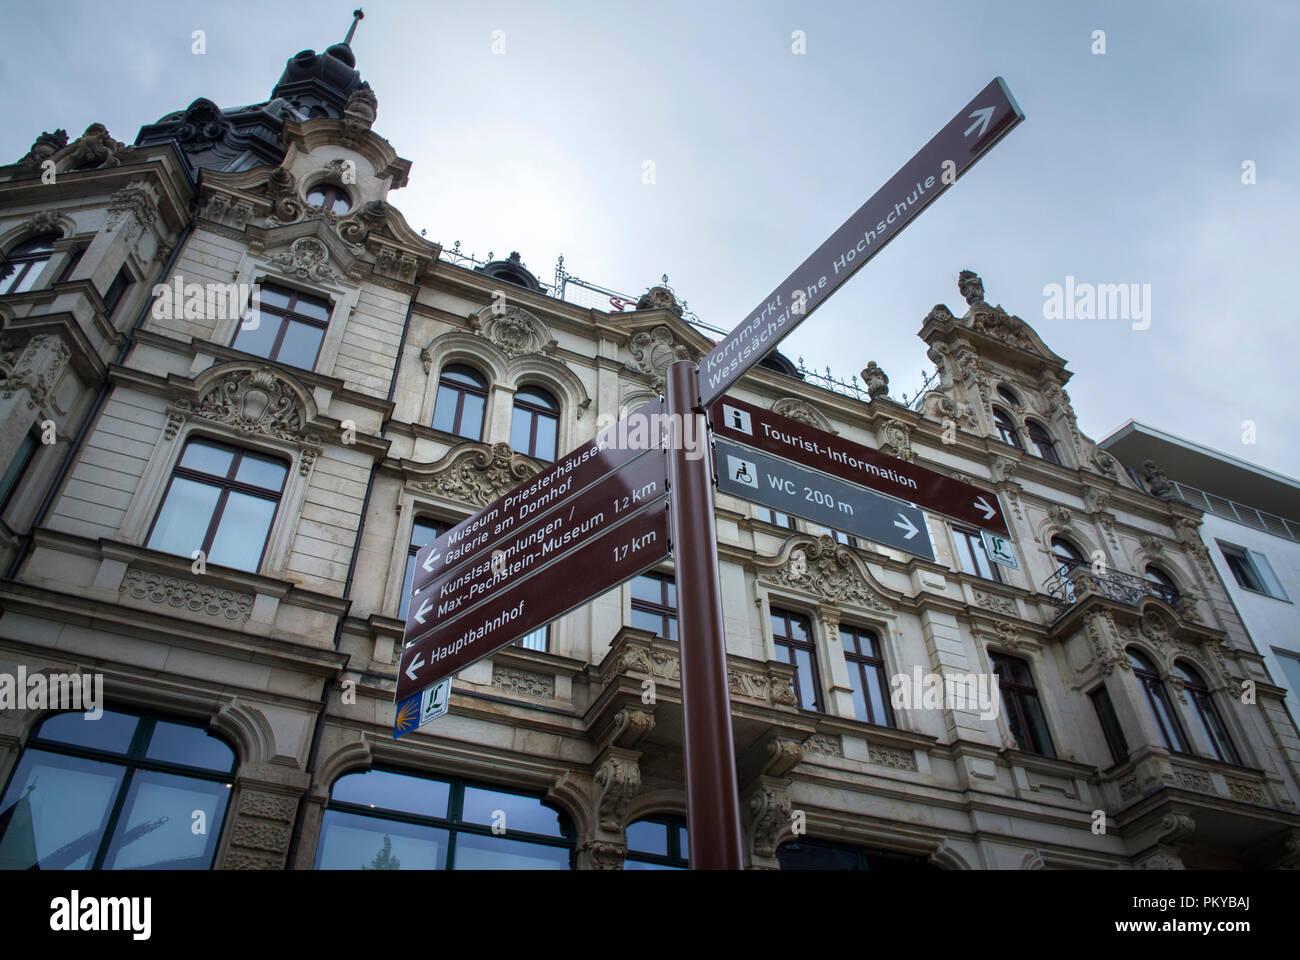 Direcciones en el centro de la ciudad de Zwickau en Sajonia, Alemania. Imagen De Stock